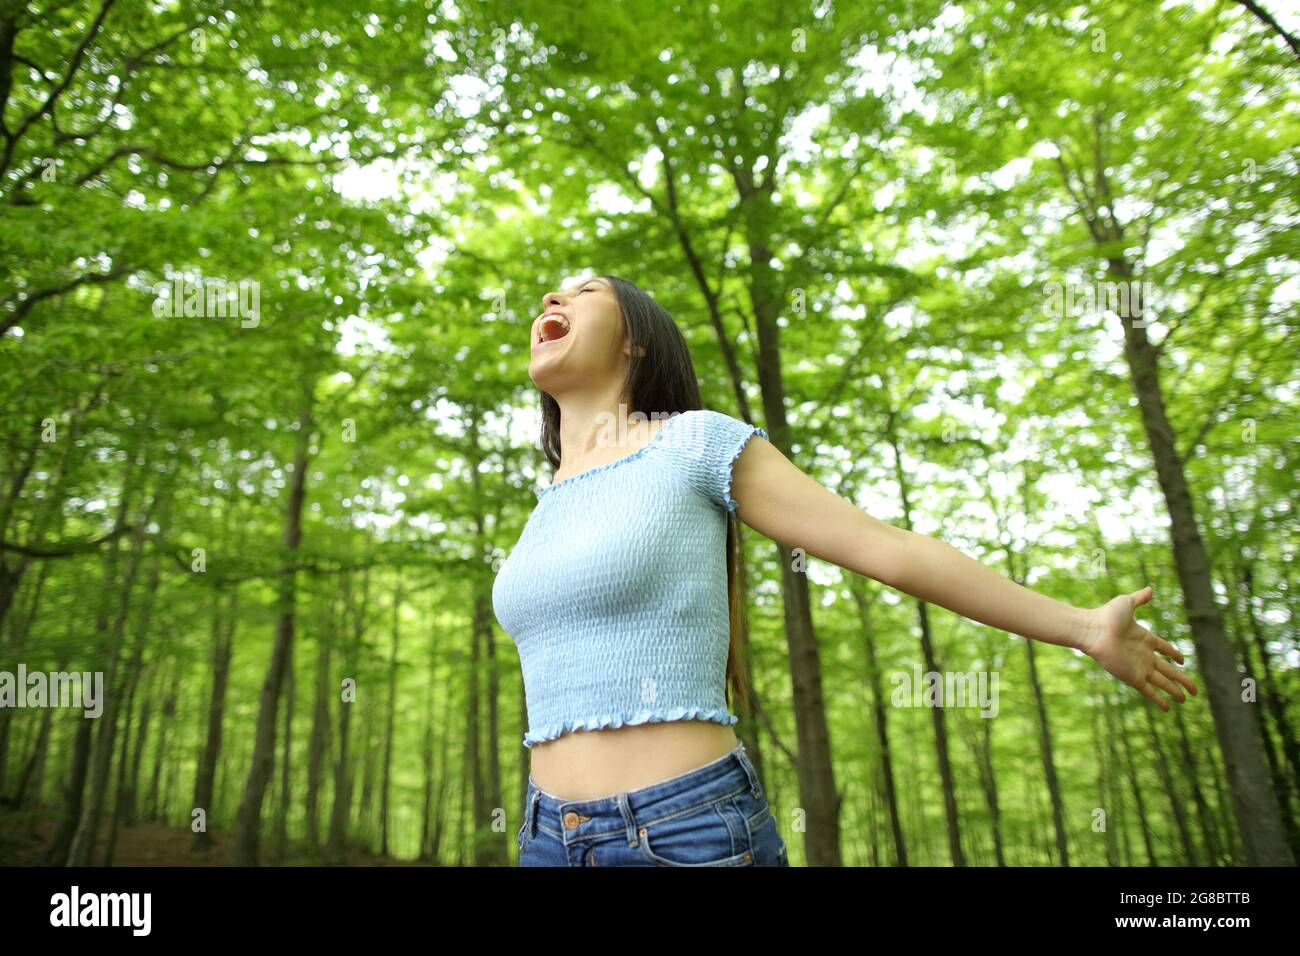 Femme asiatique excitée célébrant des vacances s'étirant les armes et hurlant dans une forêt verte Banque D'Images